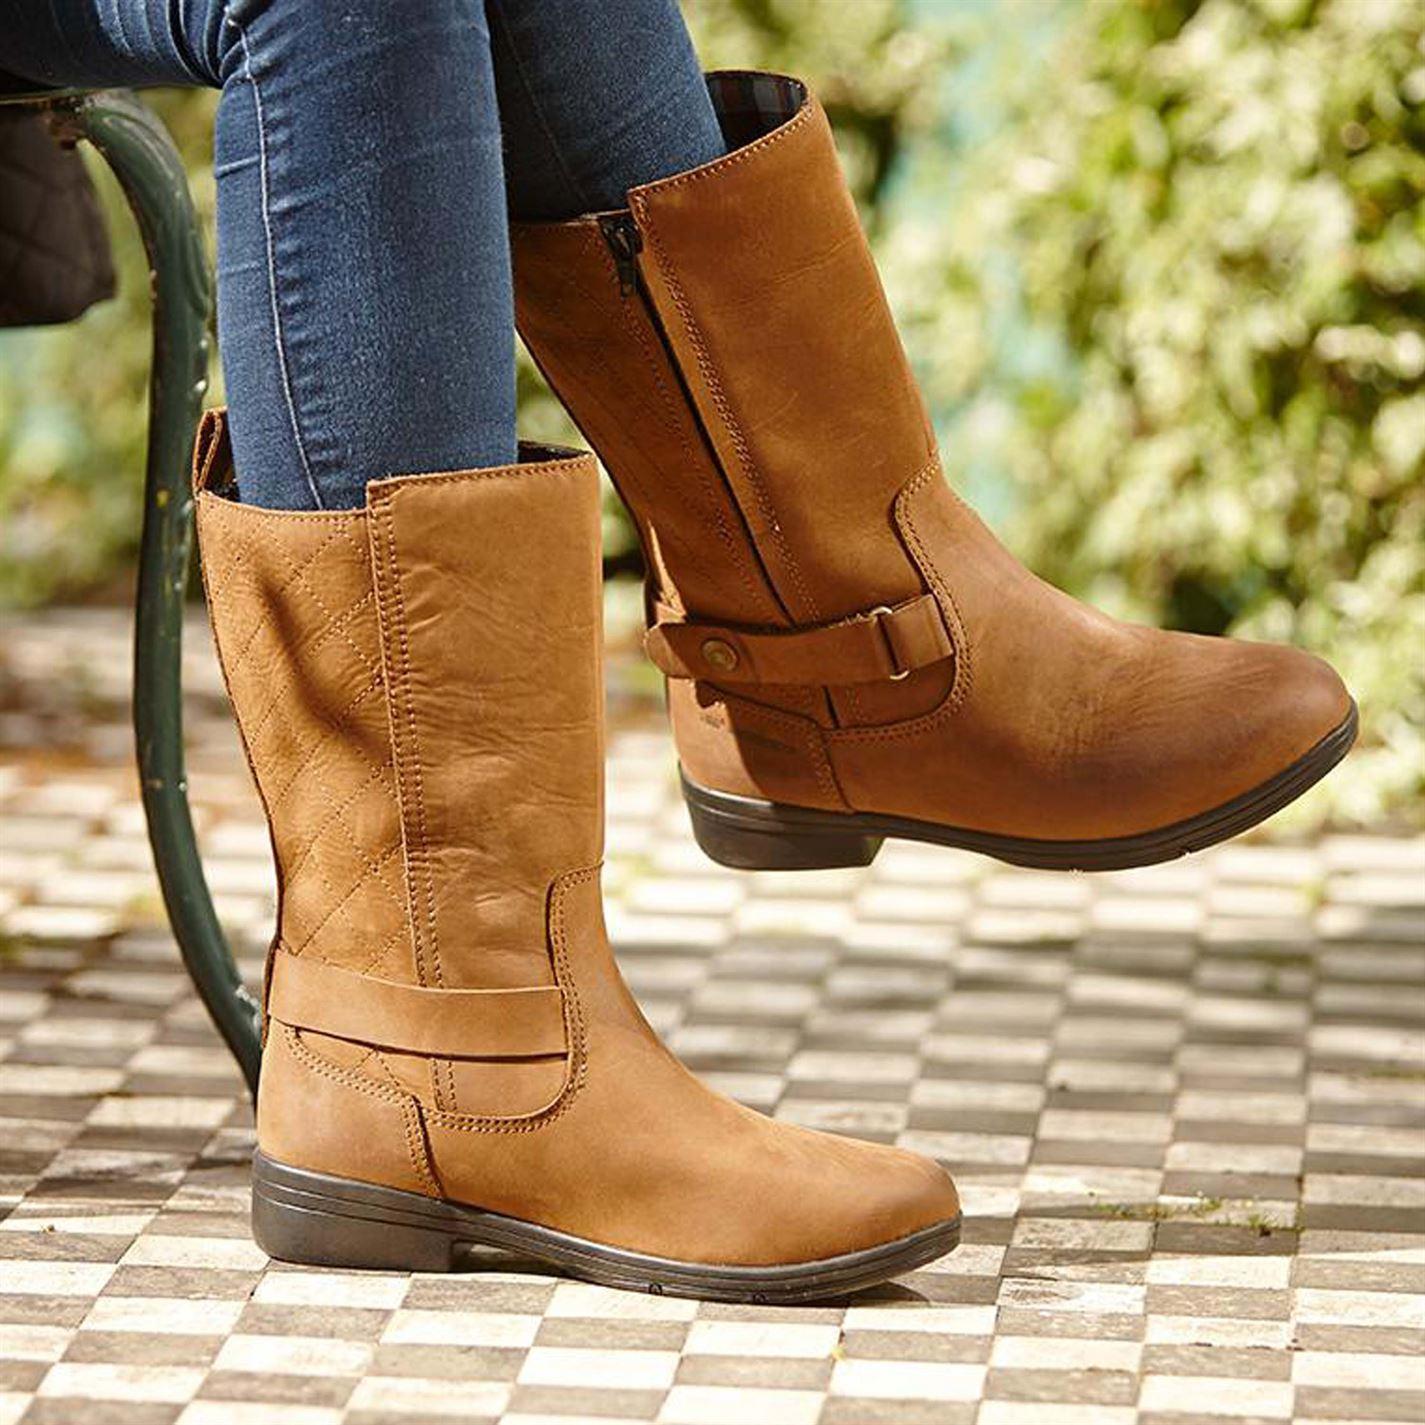 Dublin Stivali Da Donna Cherwell Mid Zip profilo Impermeabile Traspirante Paese basso profilo Zip 34f32d